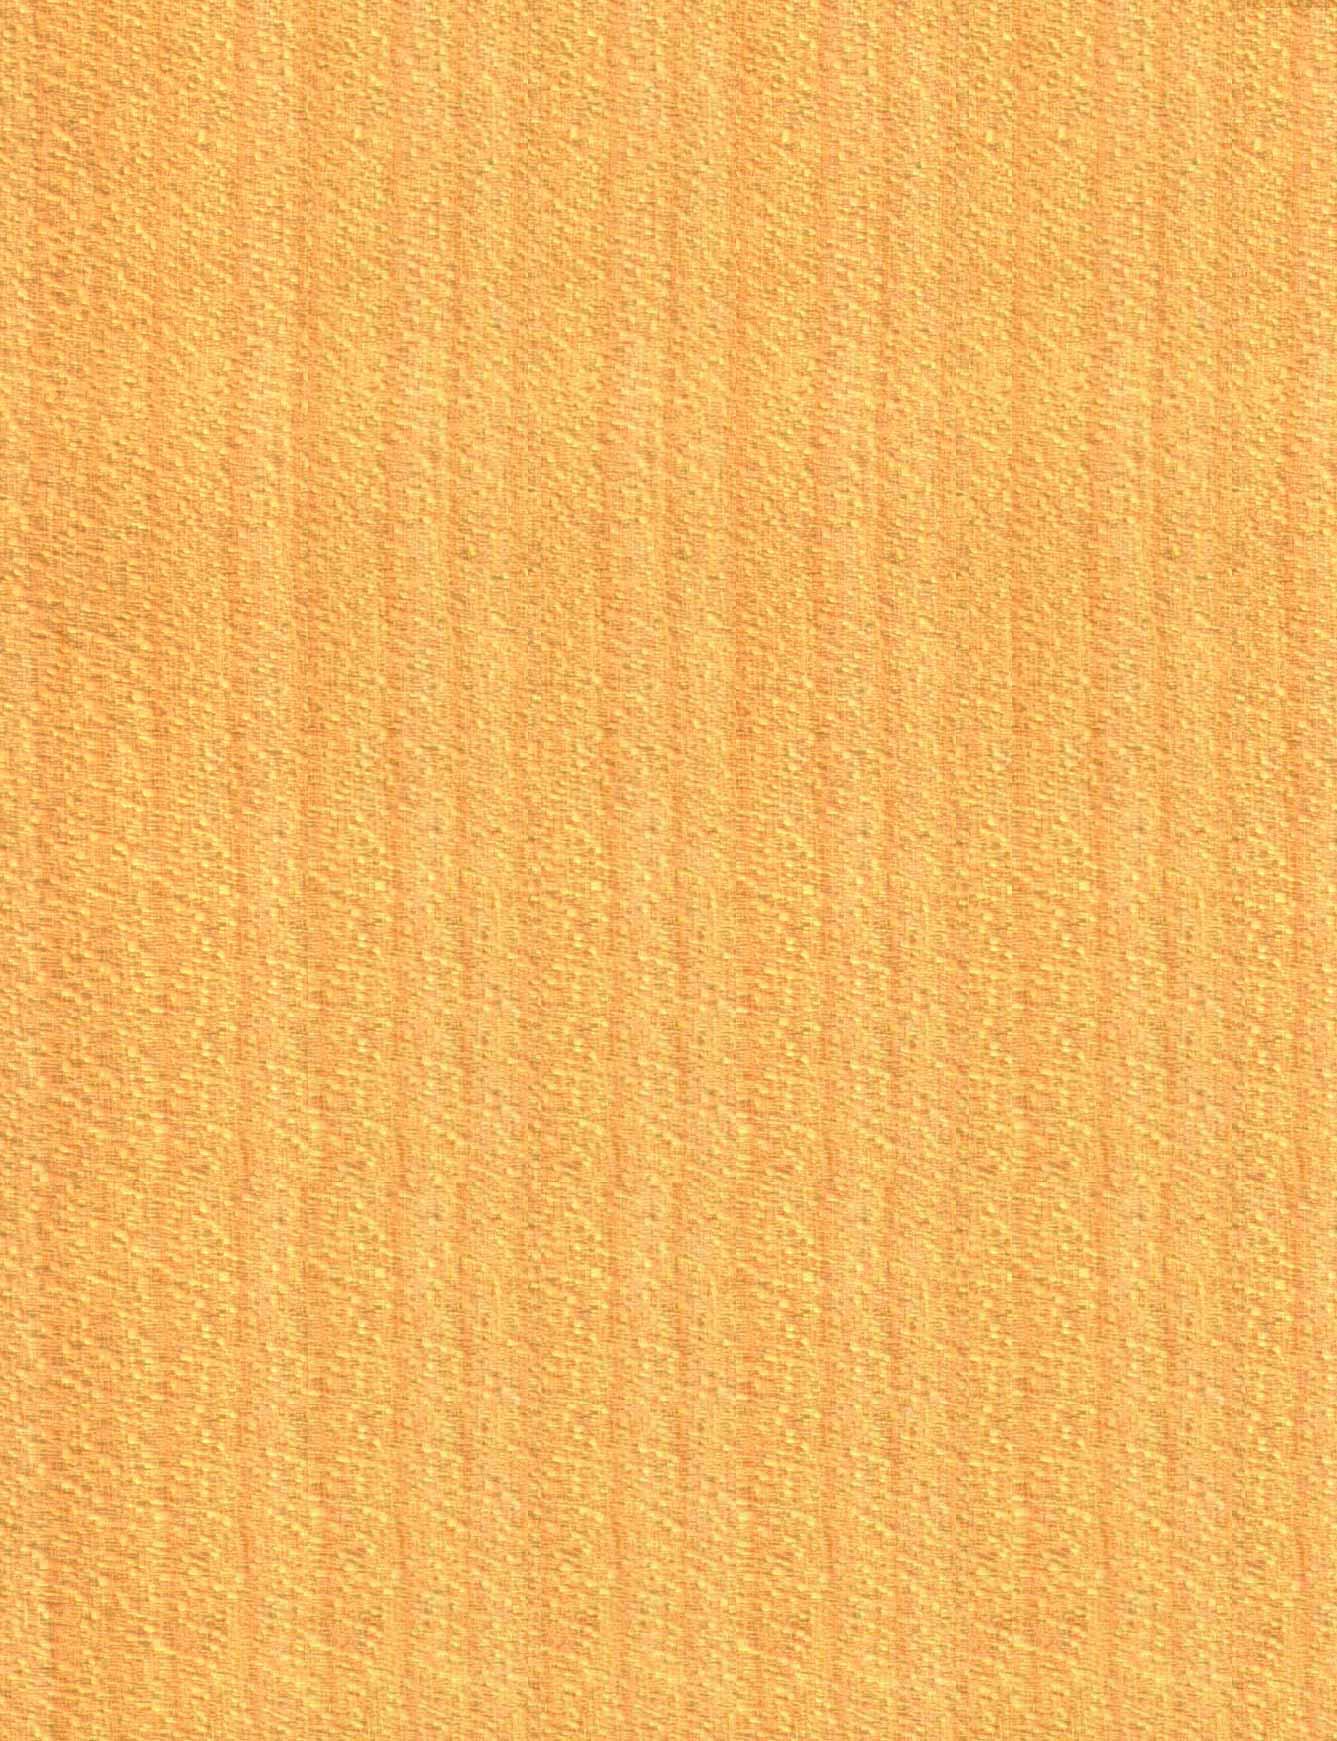 木材贴图066-我要自学网